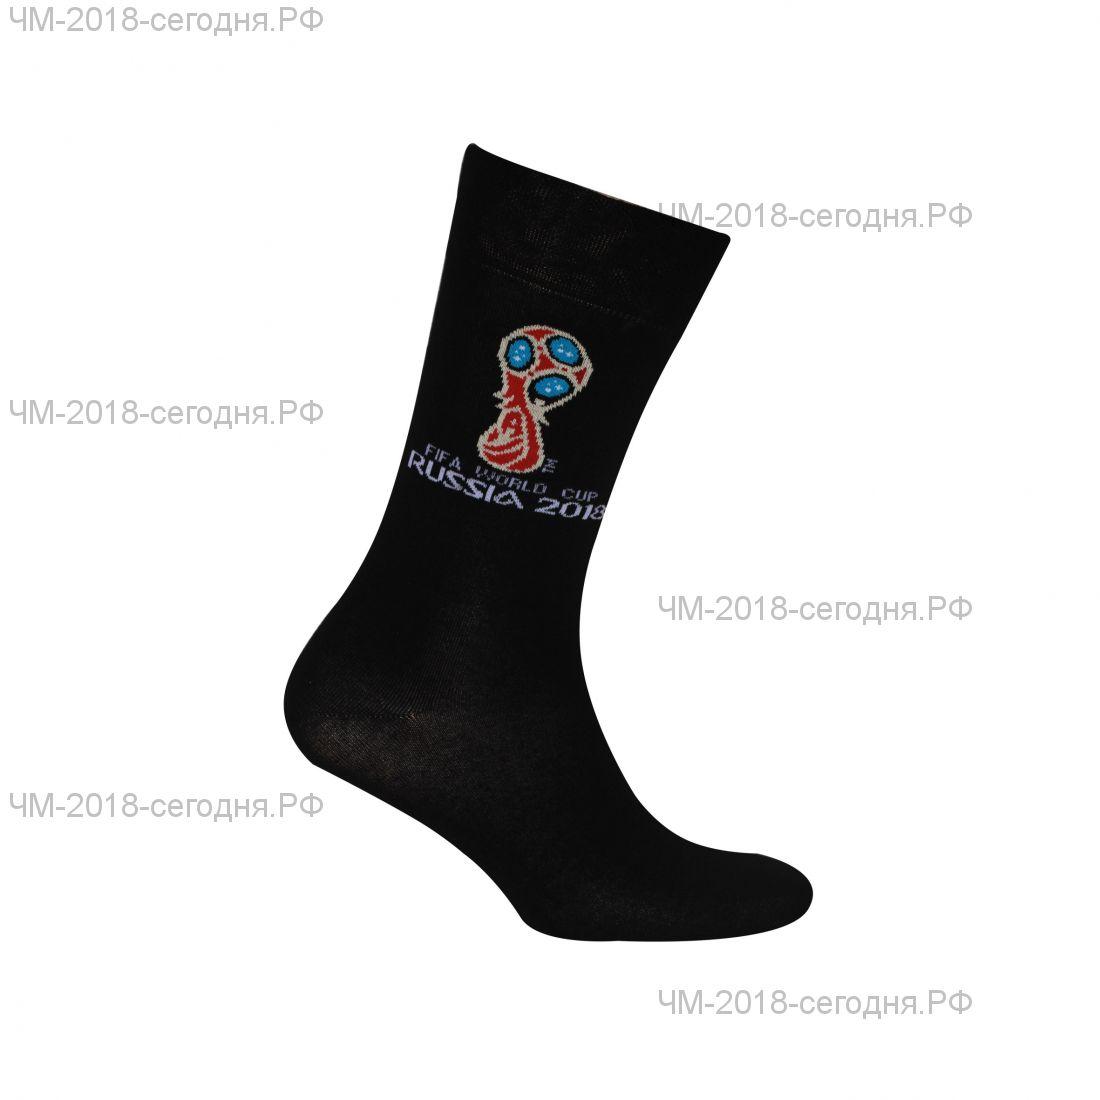 Носки с официальной эмблемой Кубок FIFA 2018 (черные)